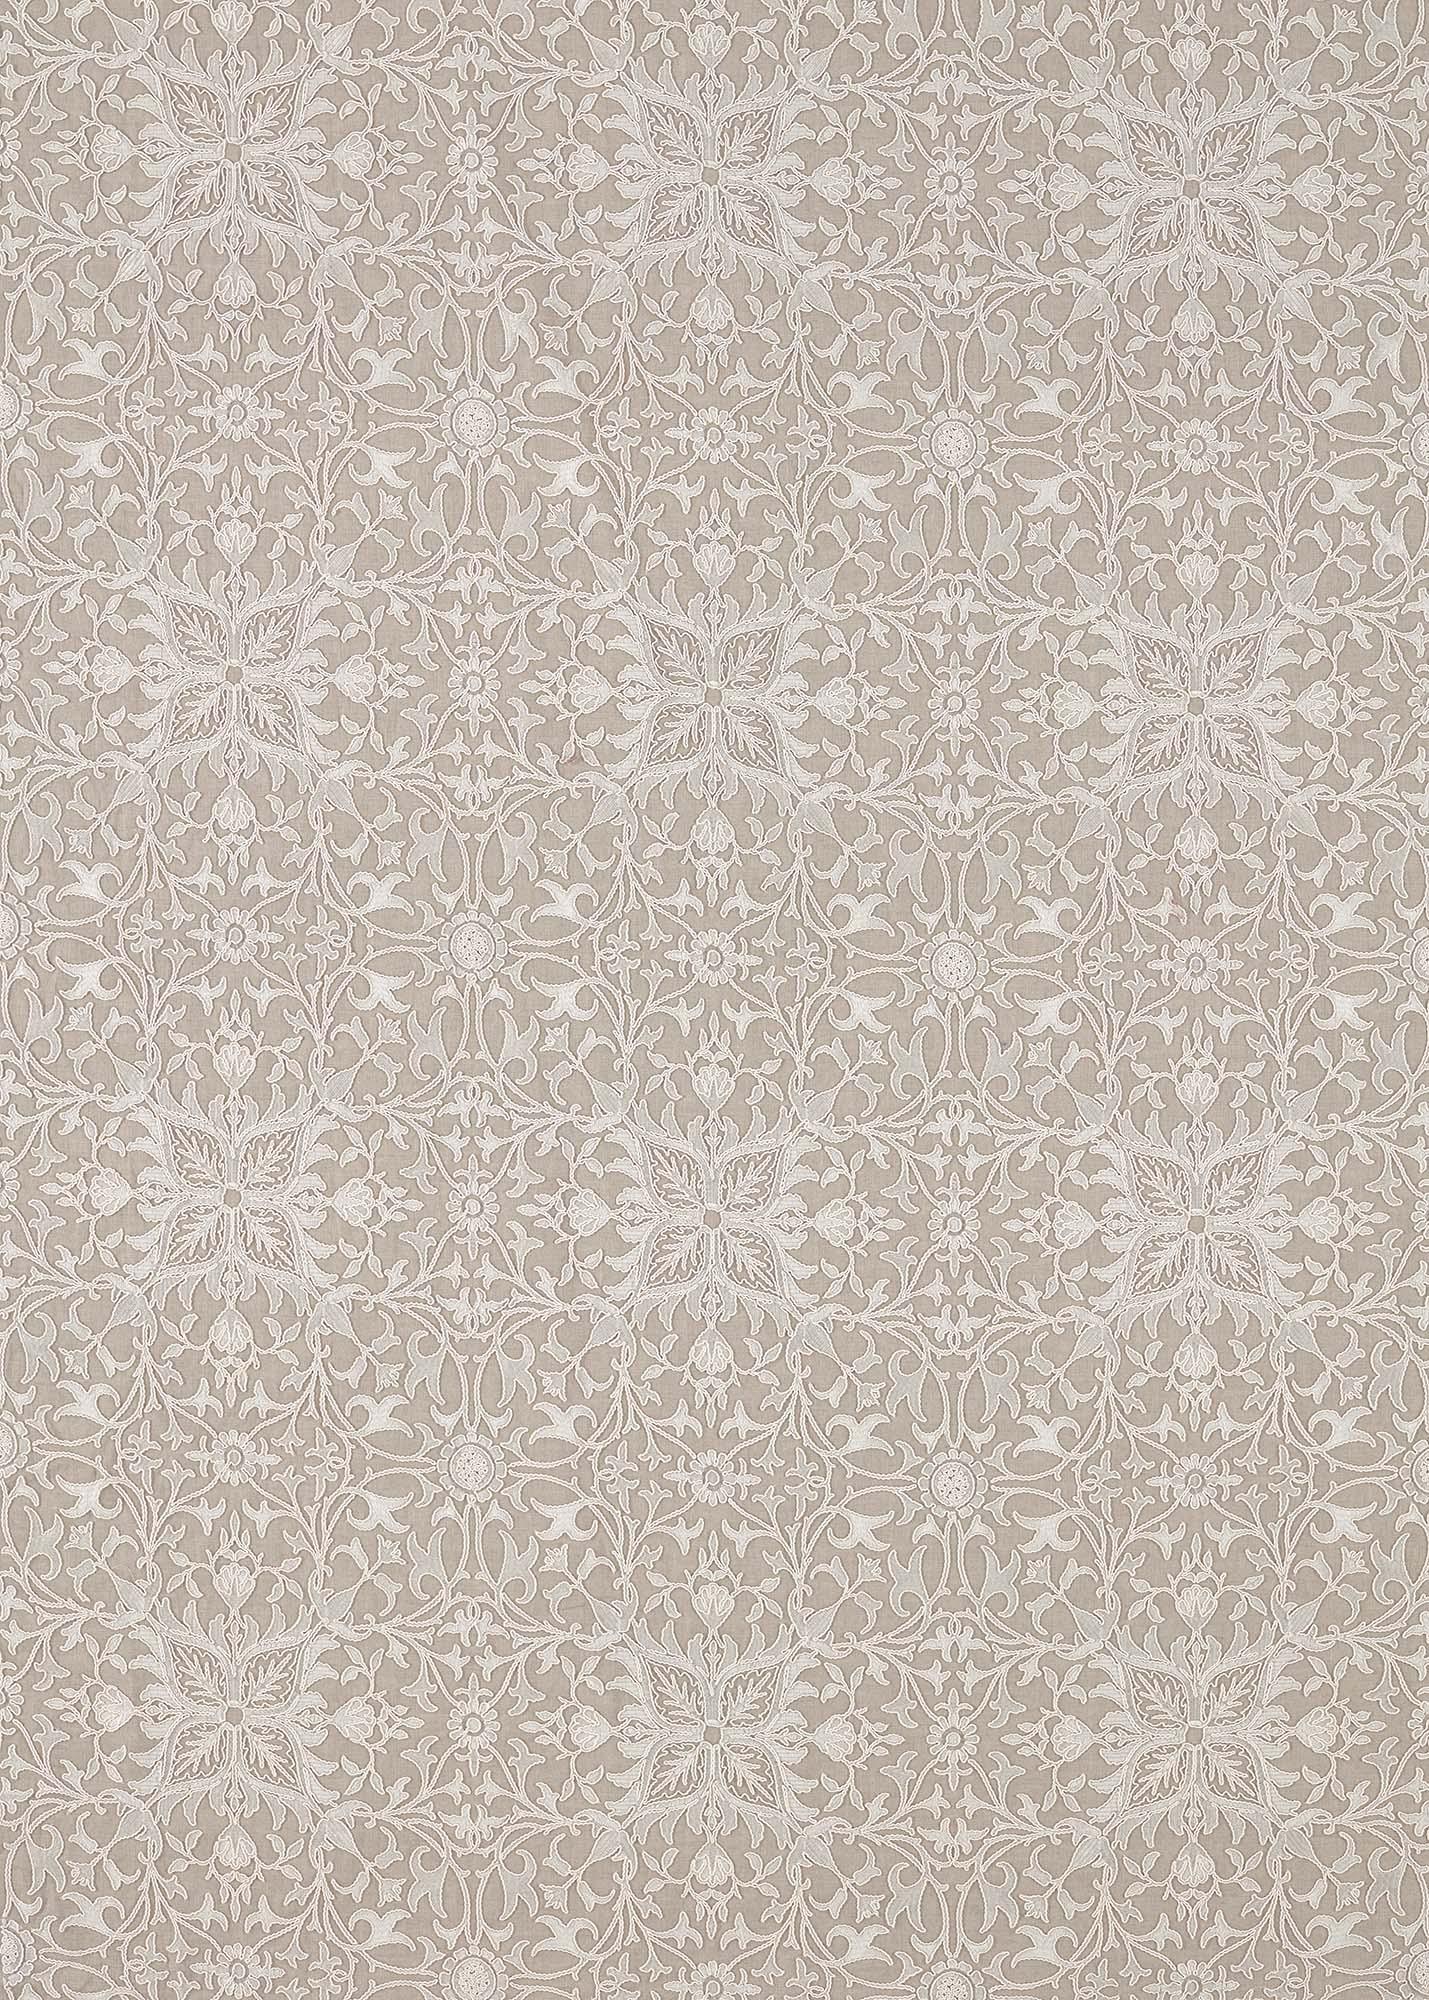 ウィリアムモリス生地 Pure Net Ceiling Embroidery 236076